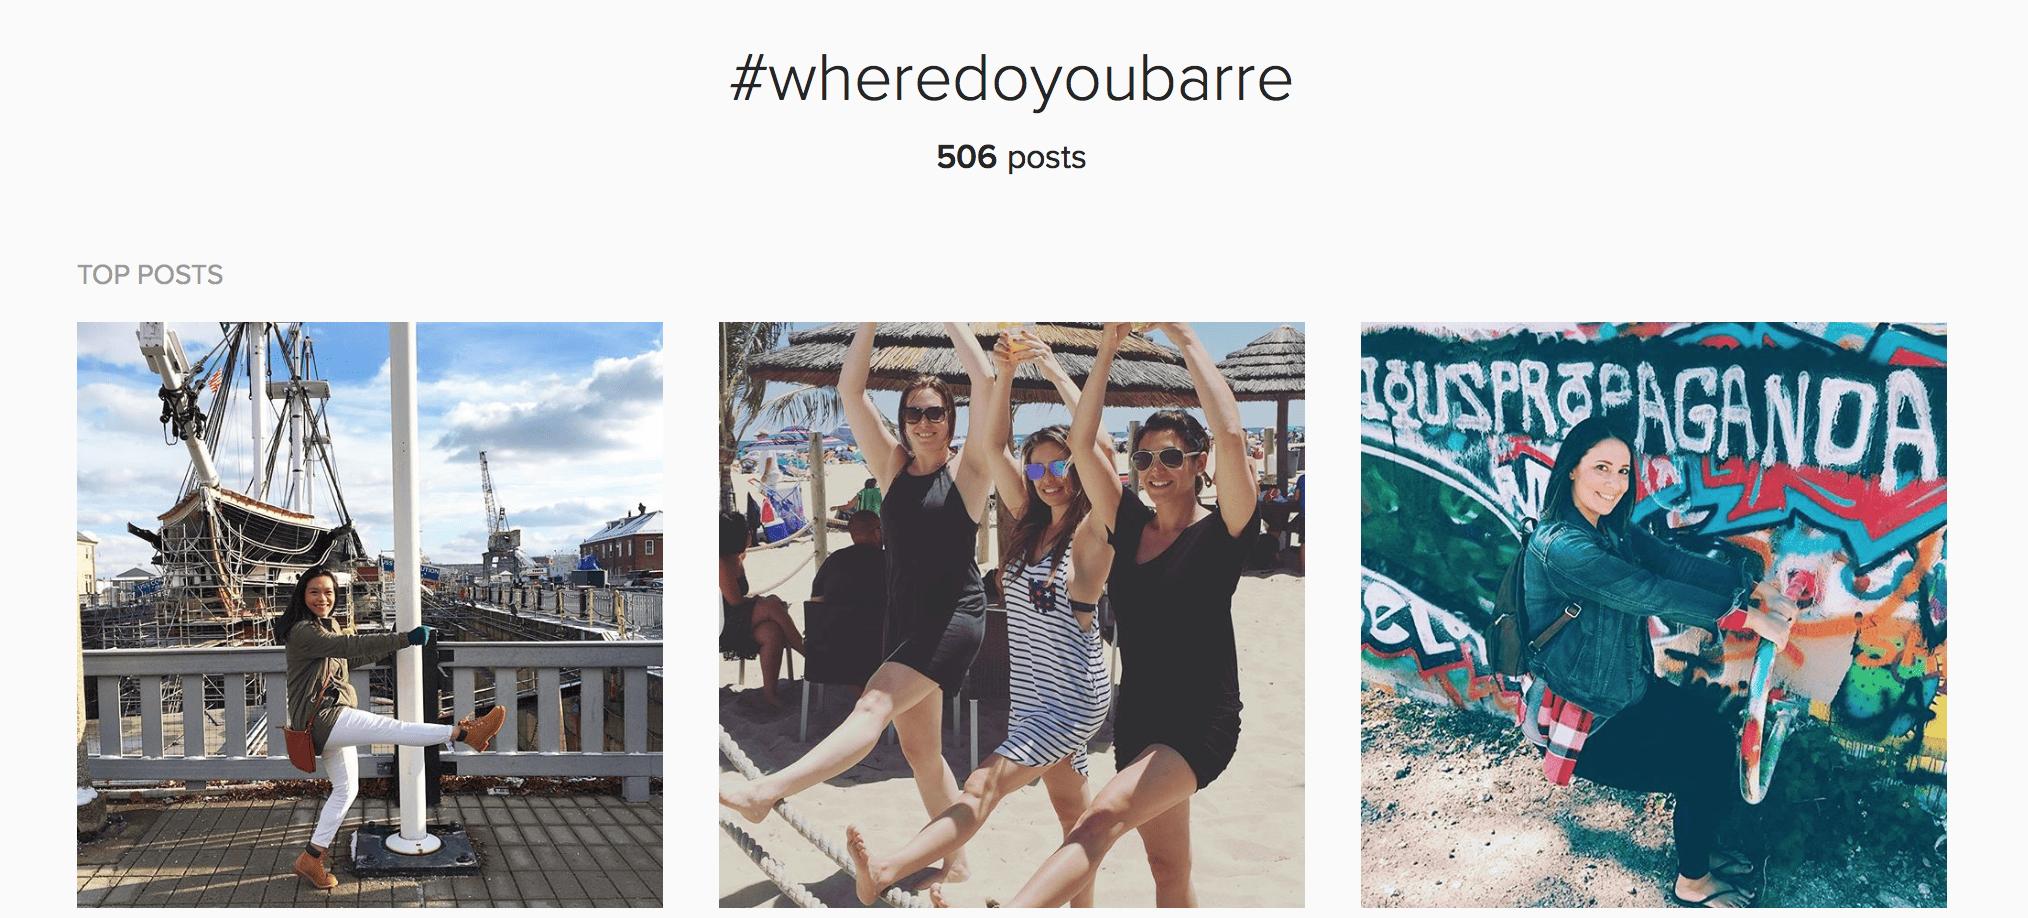 branded instagram hashtags